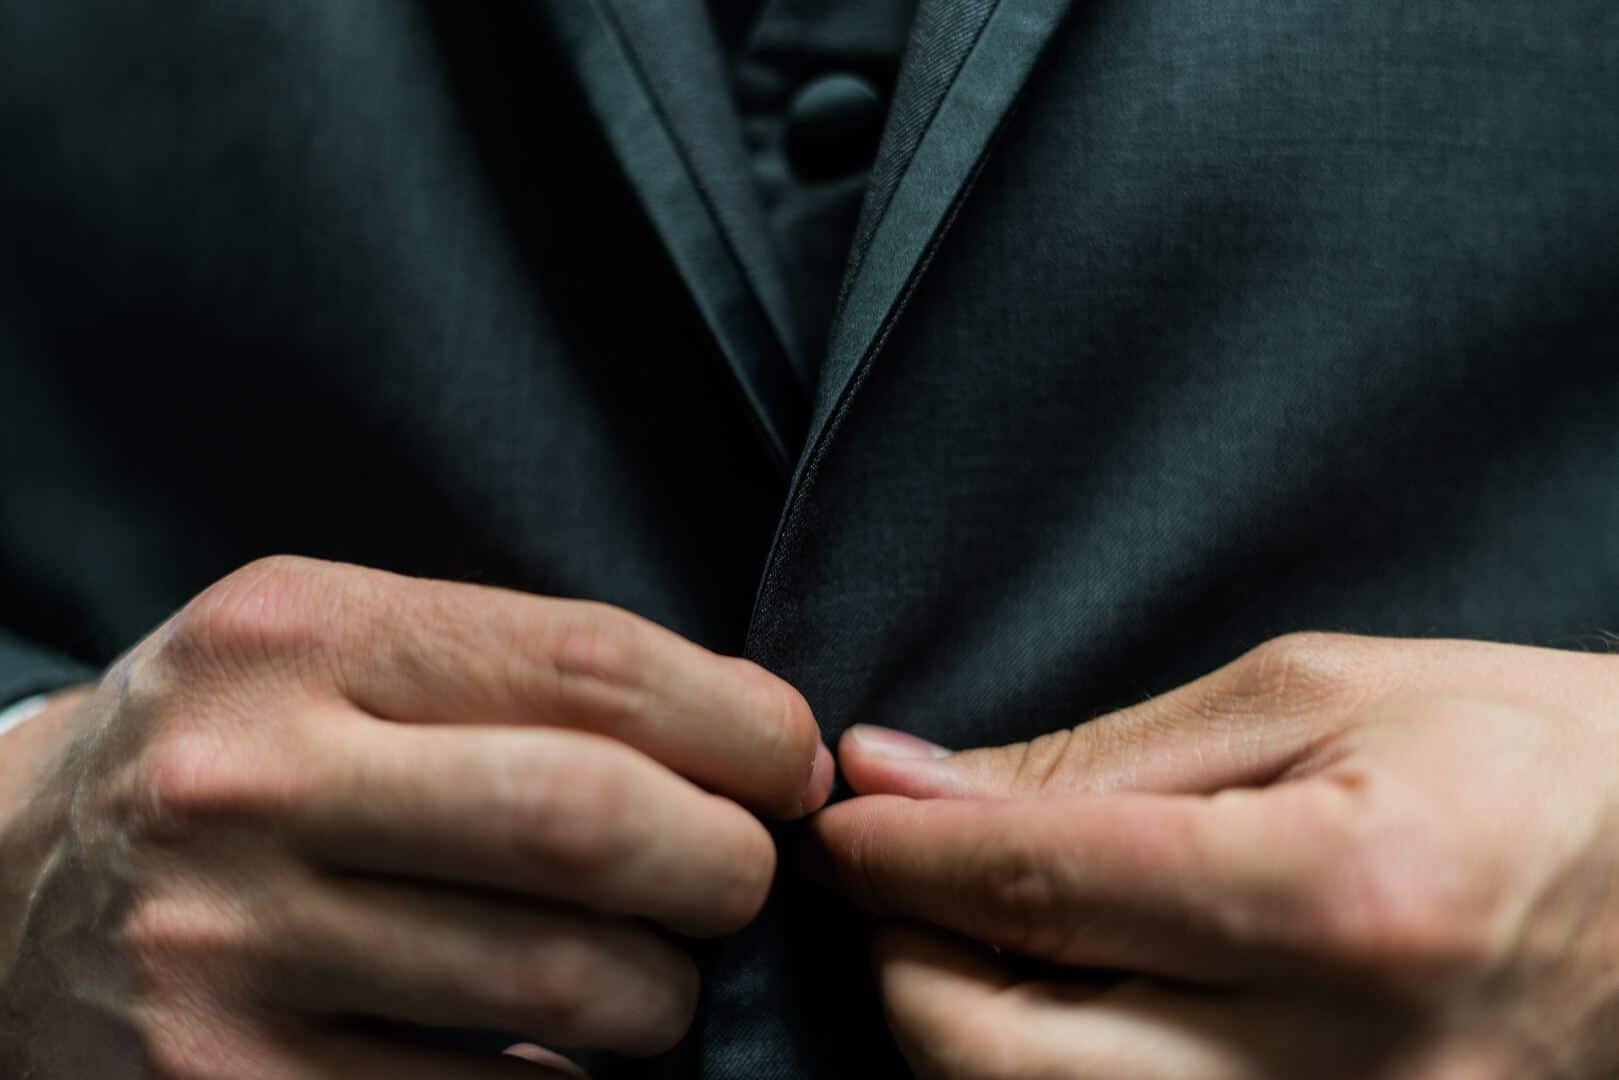 ceo ceo cio cto significado - Significado de CEO, CIO, CTO: Nunca mais confunda